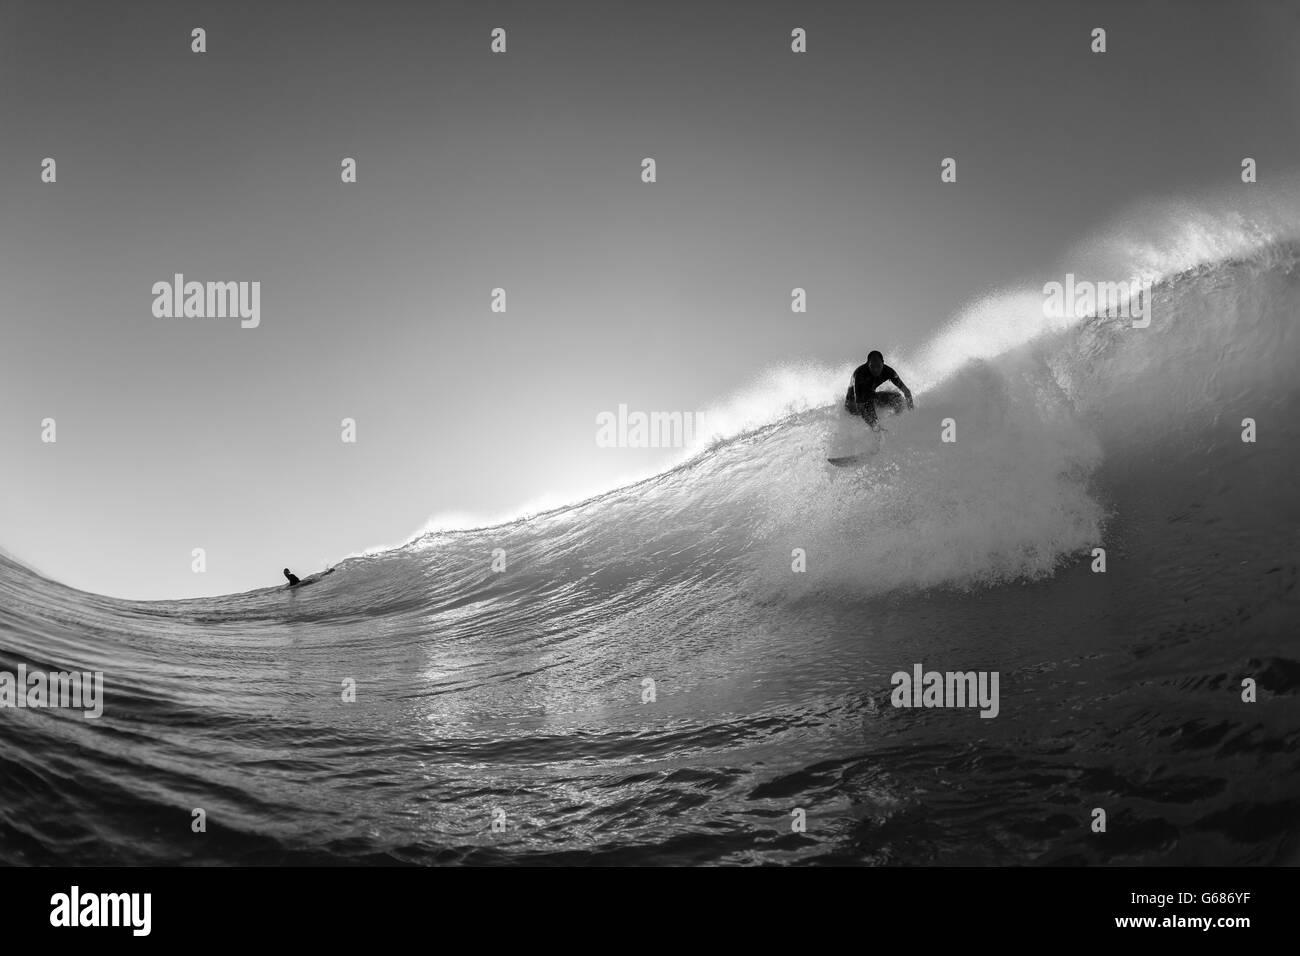 Surfer siluetas no identificado agua surf action closeup natación foto. Imagen De Stock